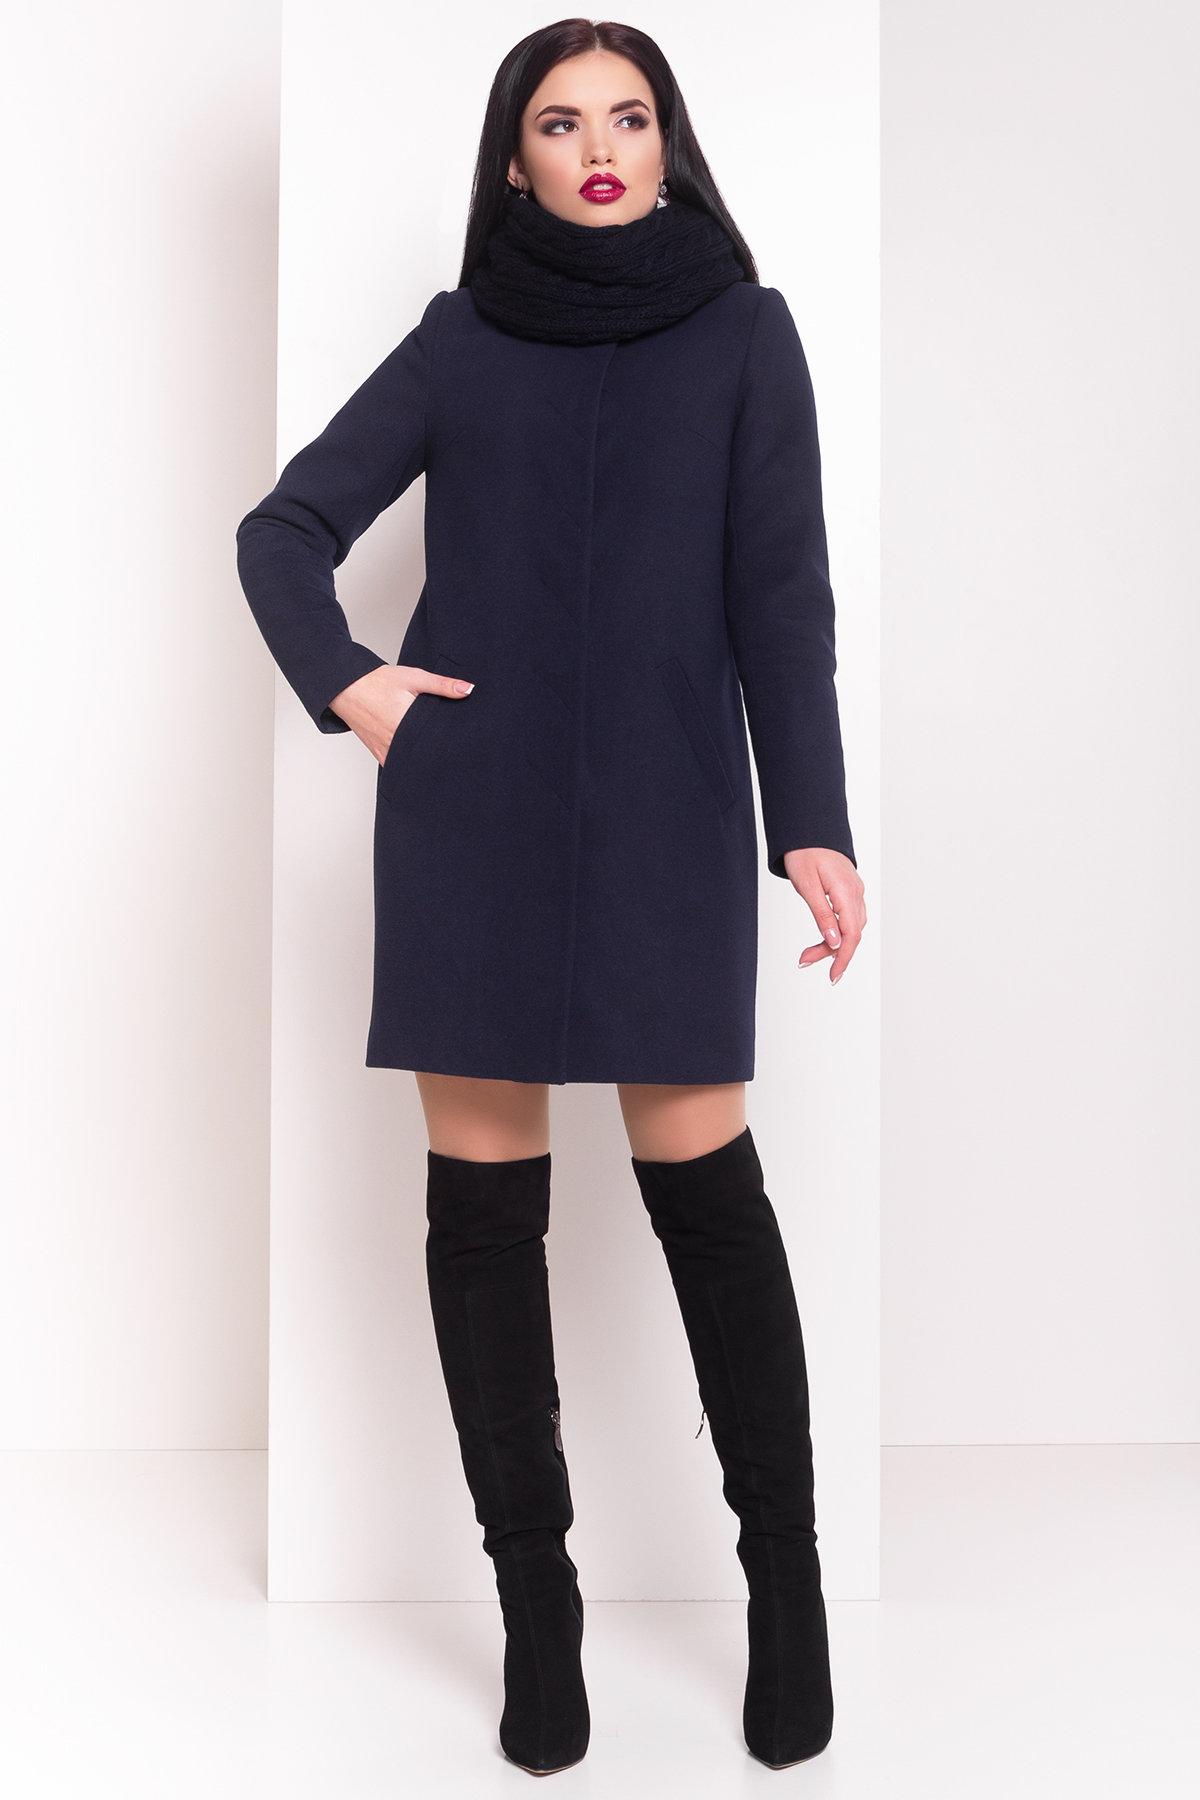 Купить оптом женское пальто недорого Пальто Фортуна 4581